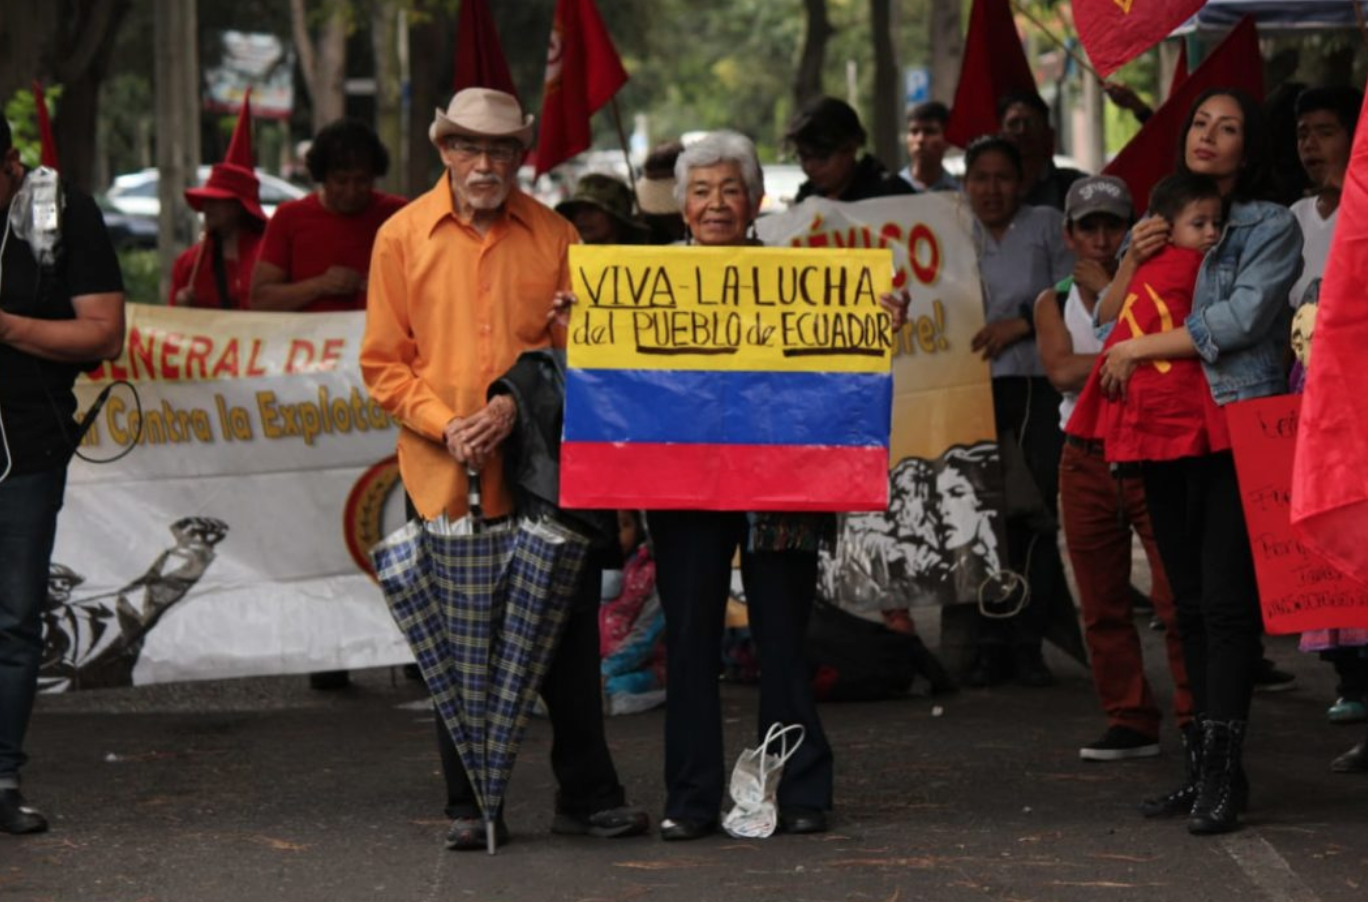 Resultado de imagen para Resguardan embajada de Ecuador por manifestantes